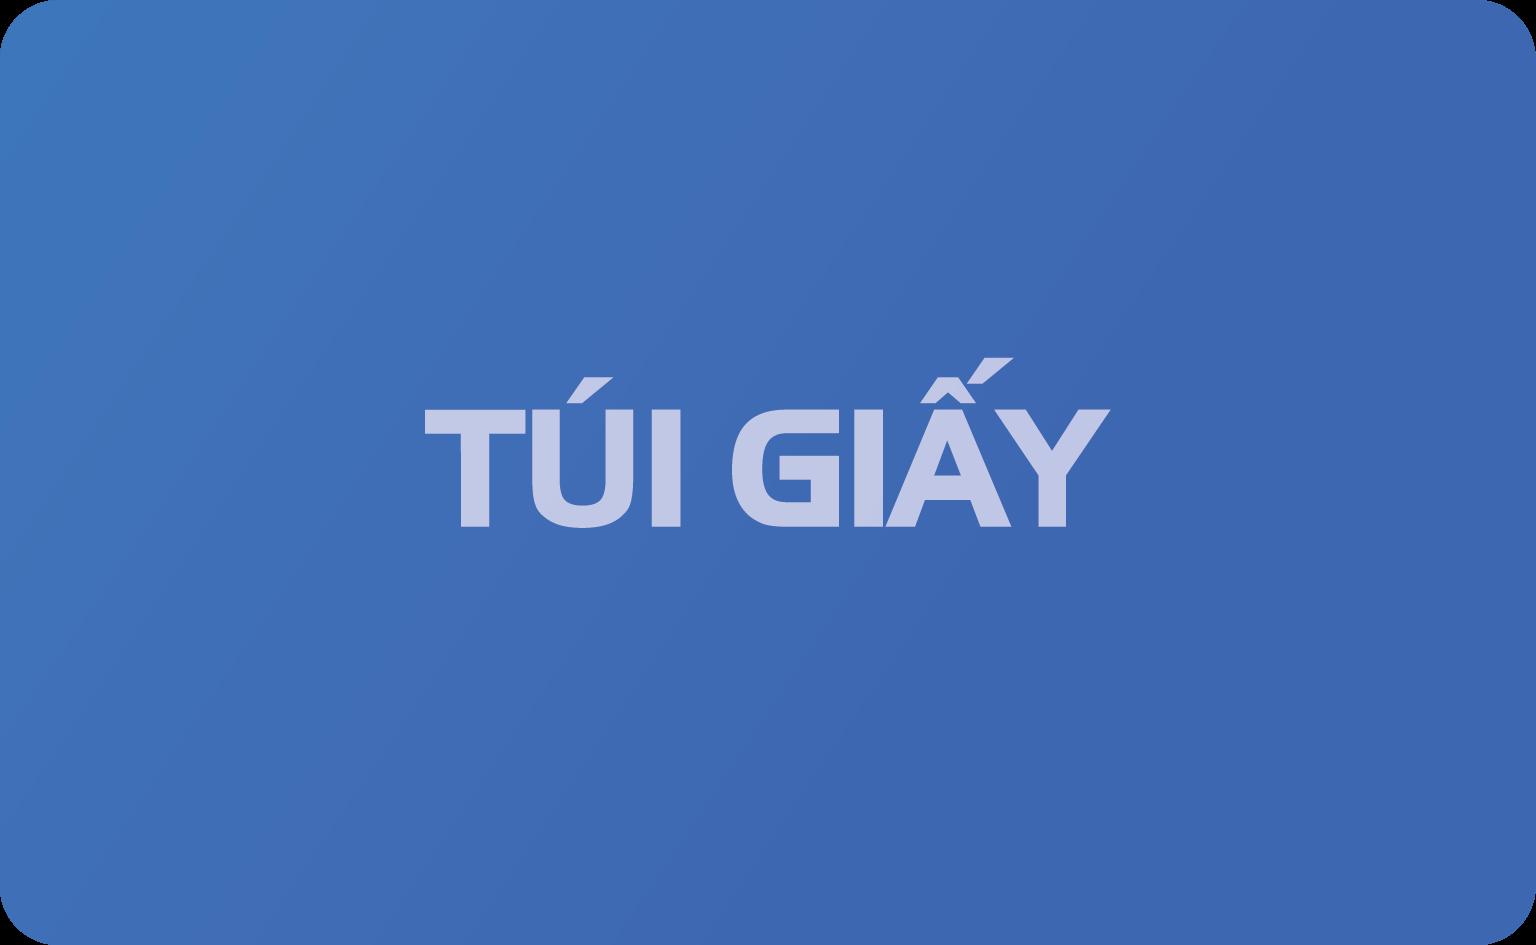 tui-giay